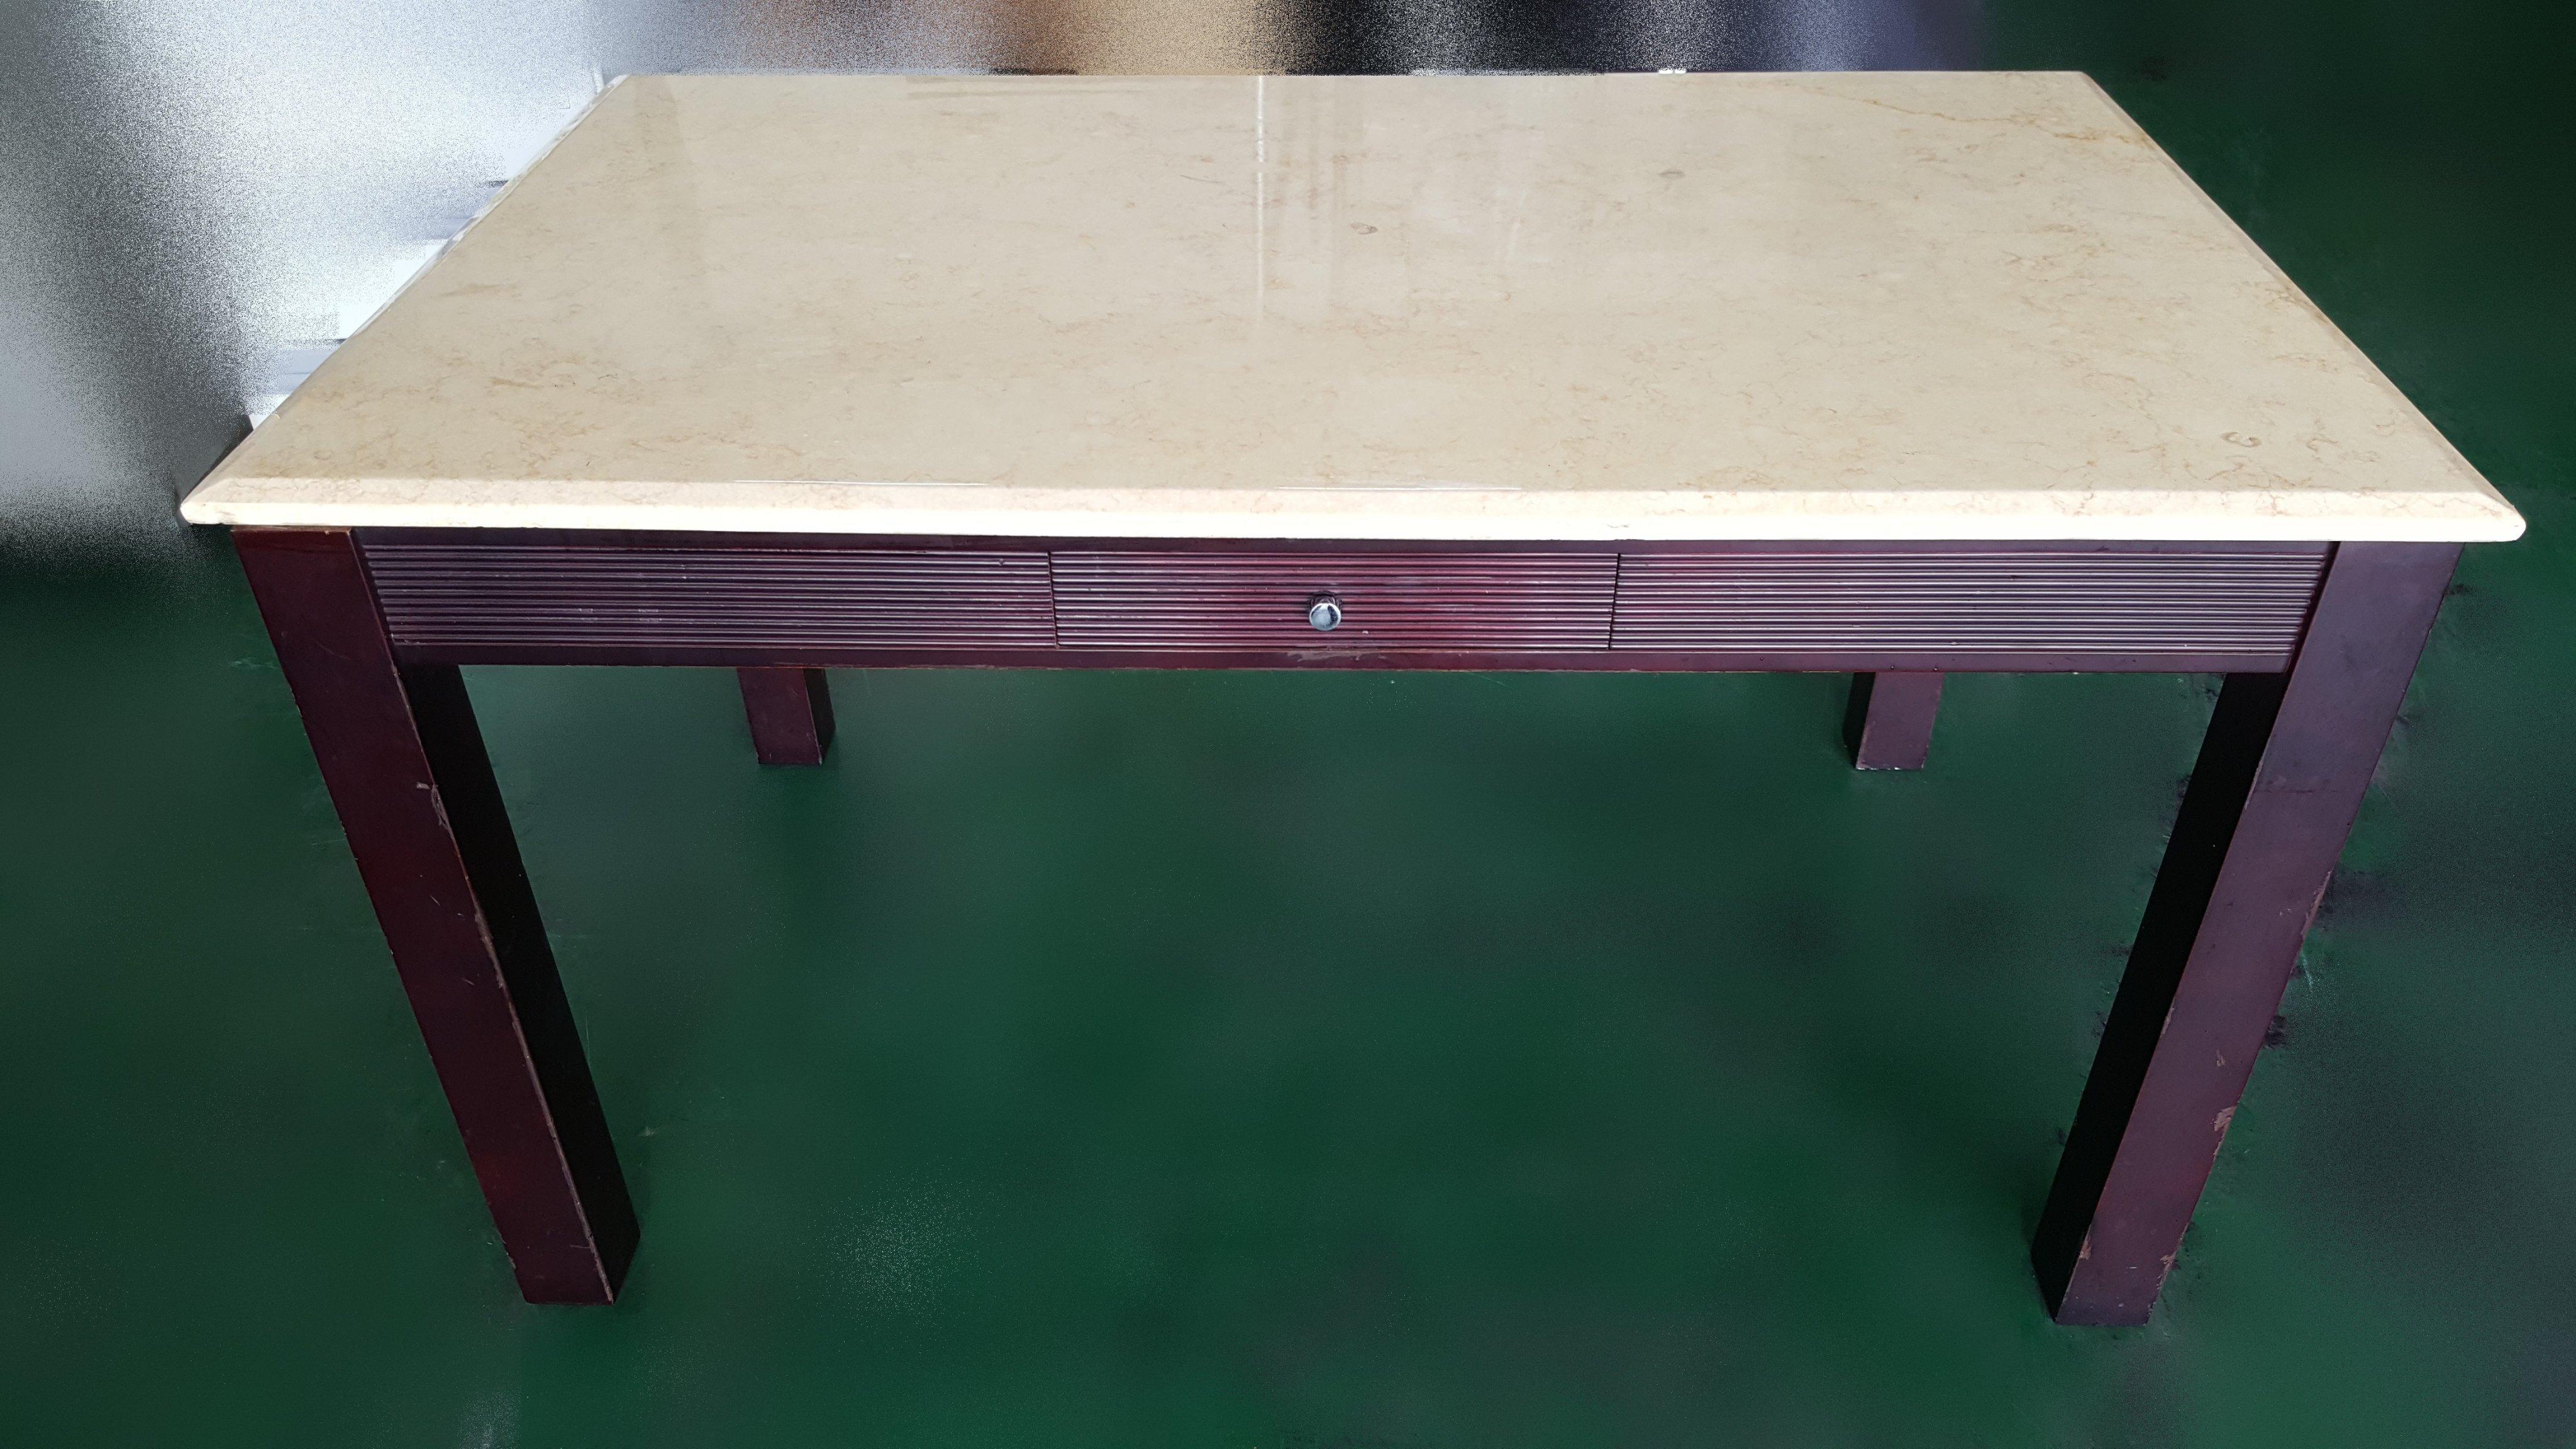 宏品大里二手家具 家電 台中全新中古傢俱買賣 B31402 *大理石餐桌 戶外休閒桌*二手桌椅 辦公桌 電腦桌書桌